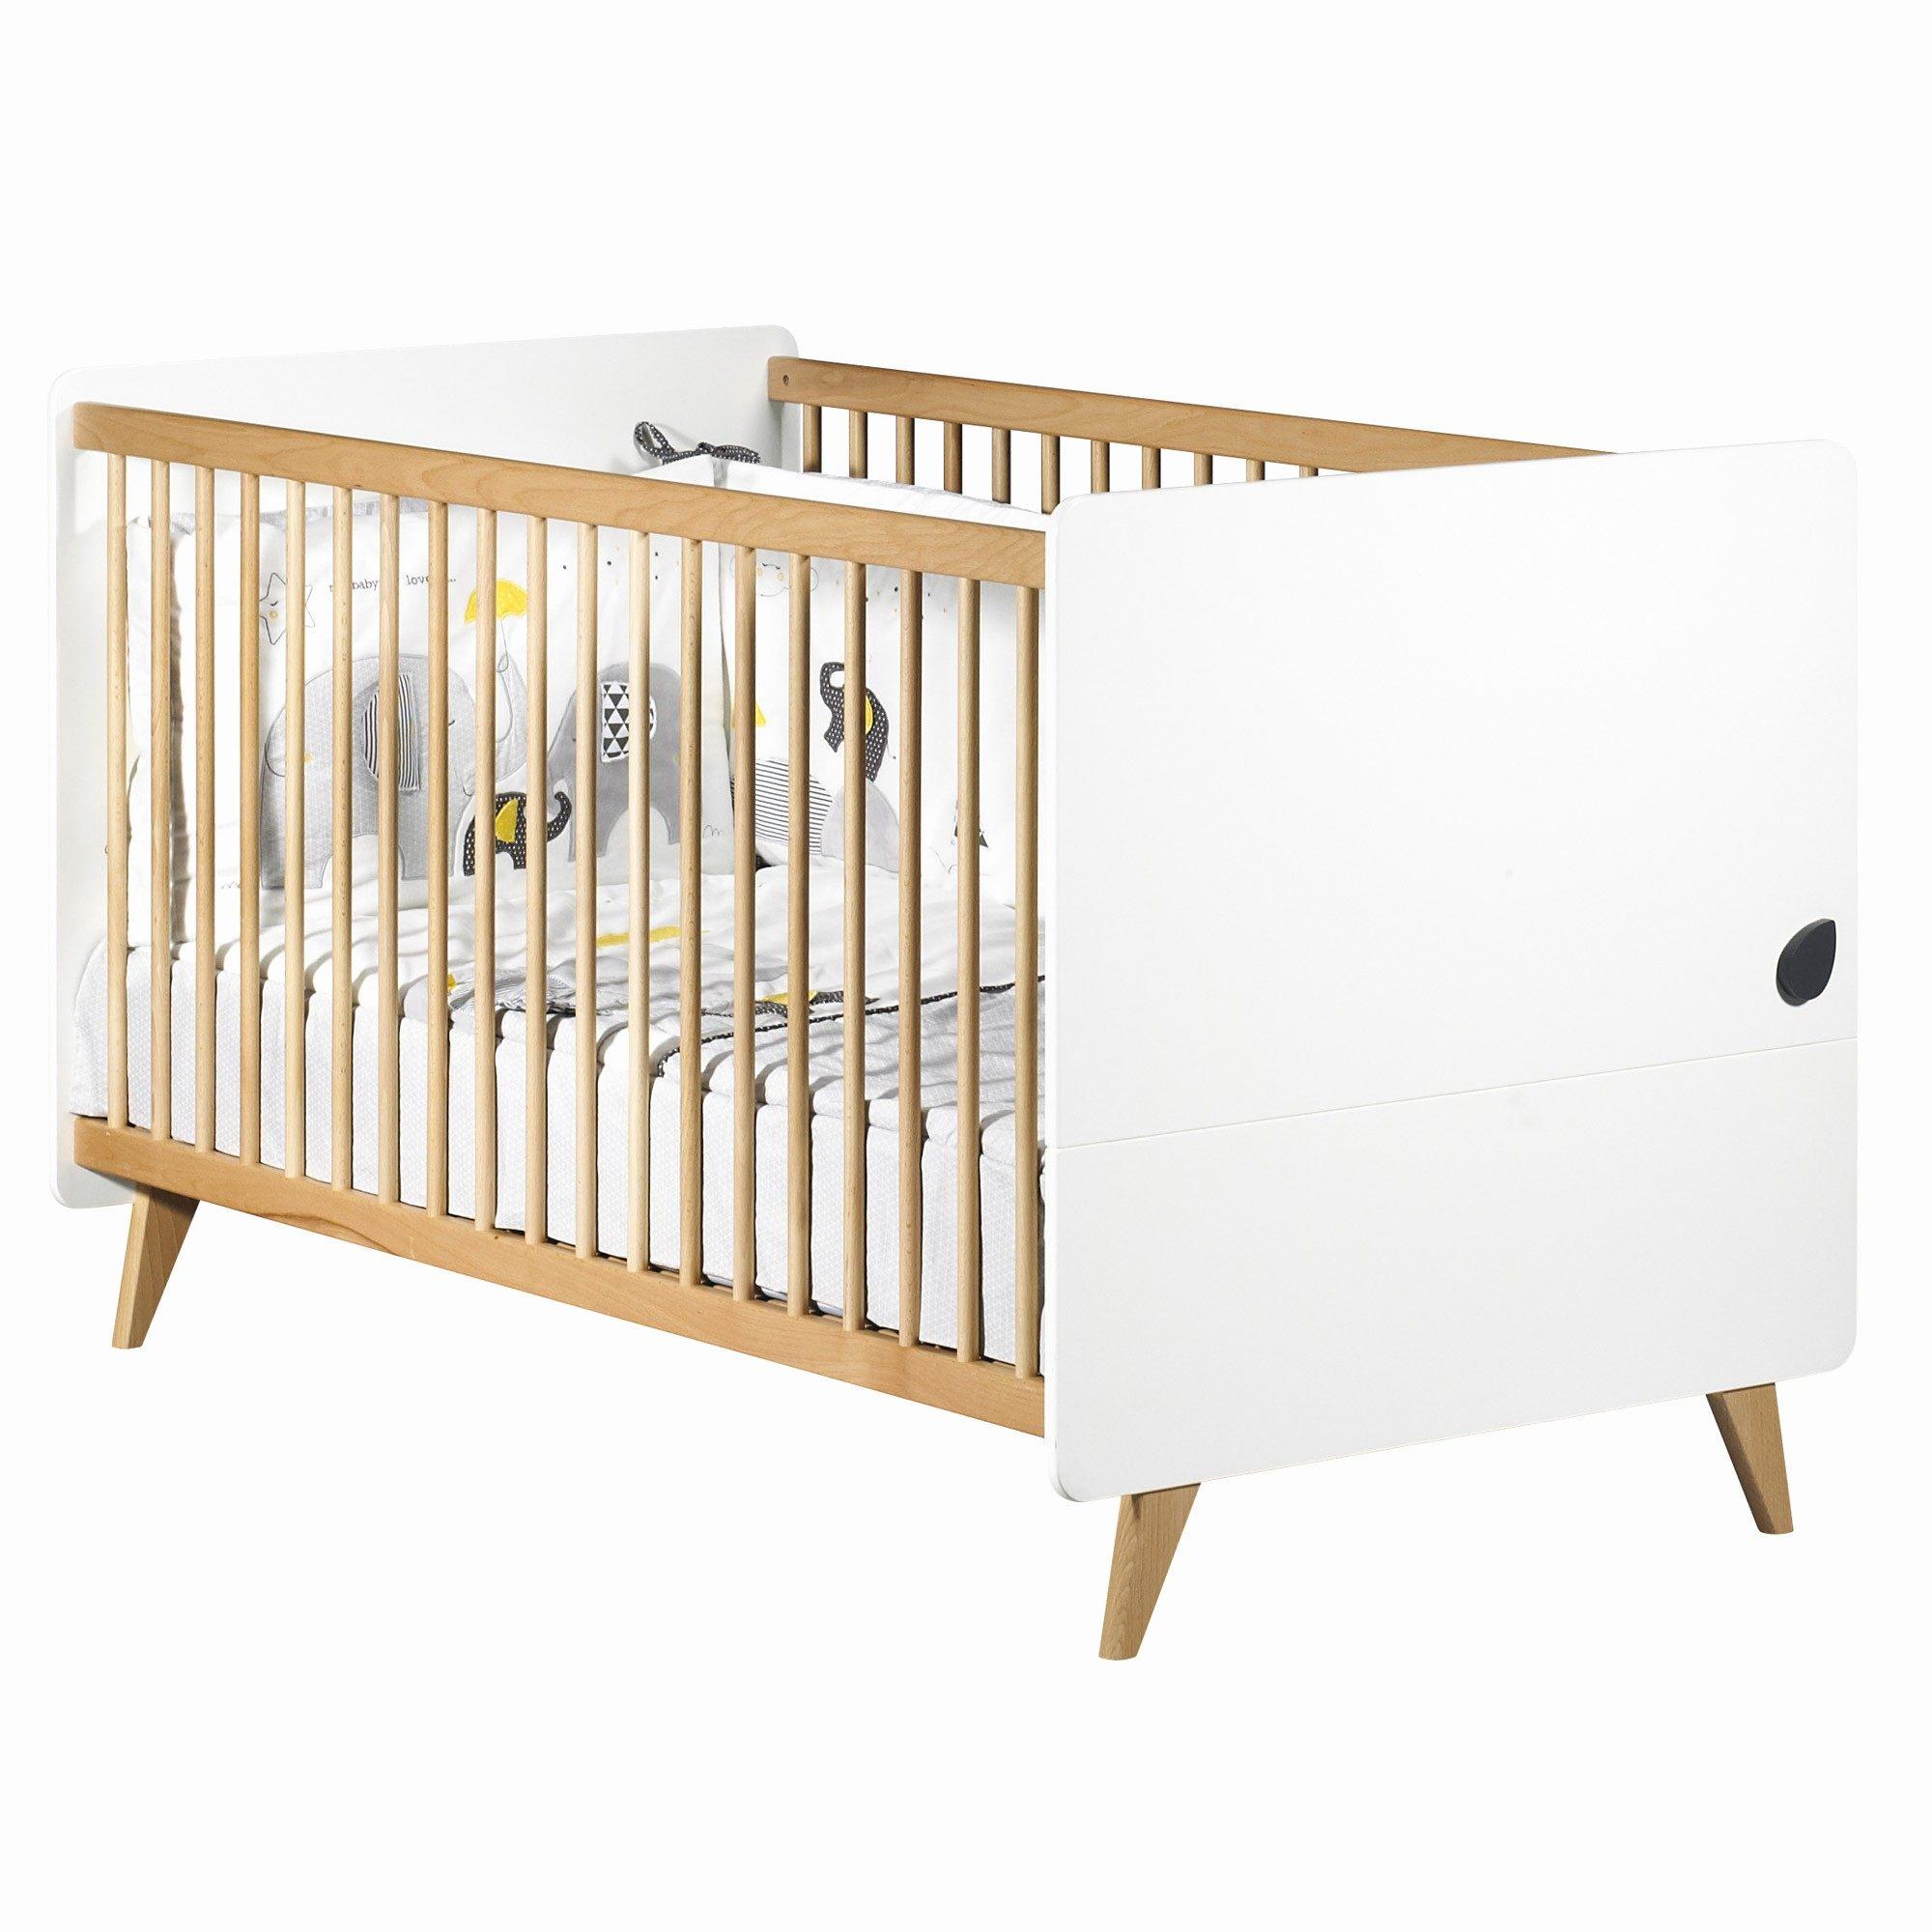 Lit Bébé Hensvik Meilleur De Baignoire Pliante Bébé Beautiful Lit Bebe Luxe 36 Ikea Best De Avec